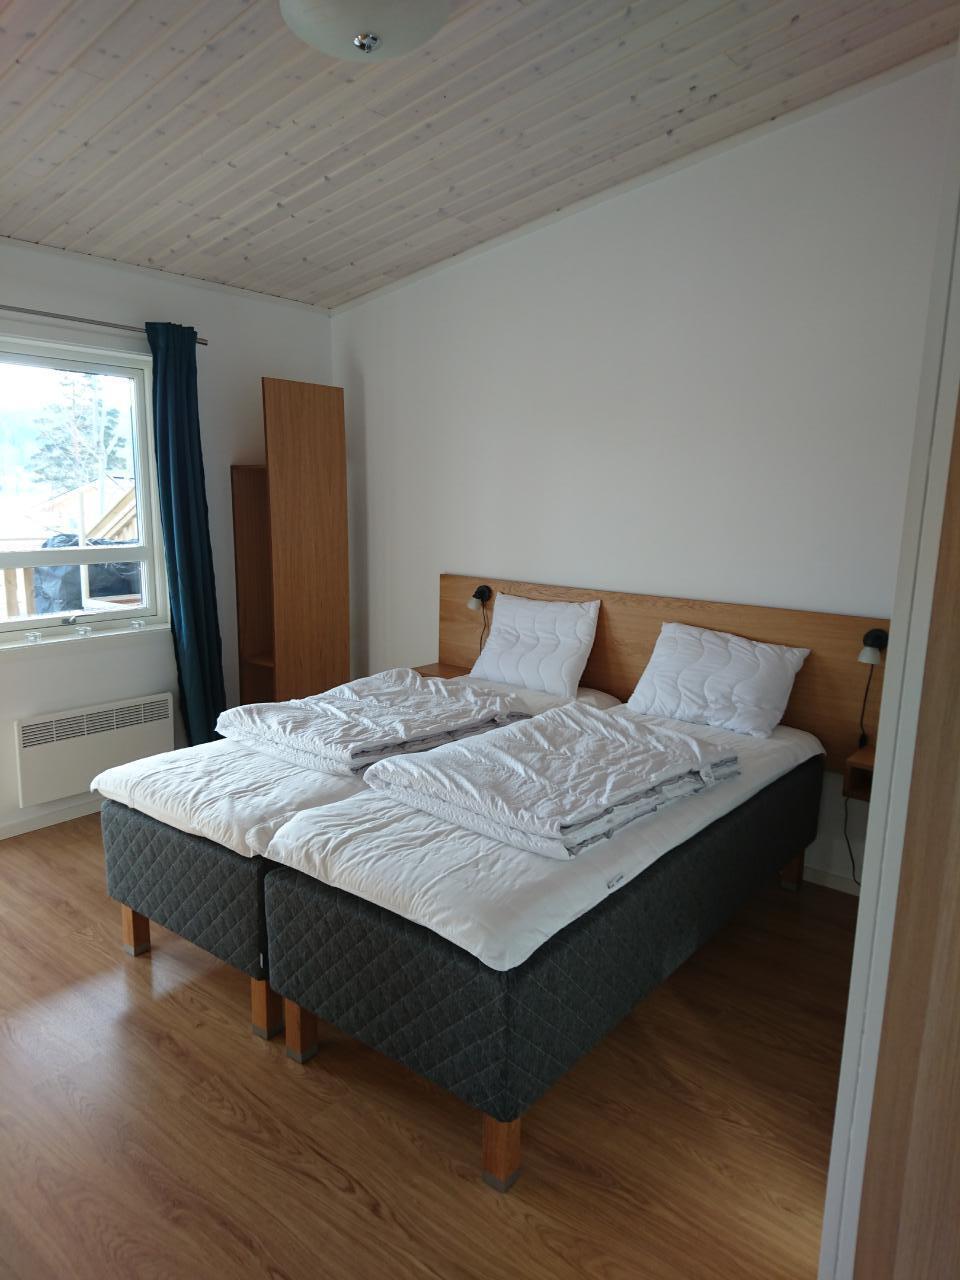 Ferienhaus Haus am Dalslandkanal/ See Laxsjön (2549266), Dals Långed, Västra Götaland län, Westschweden, Schweden, Bild 6